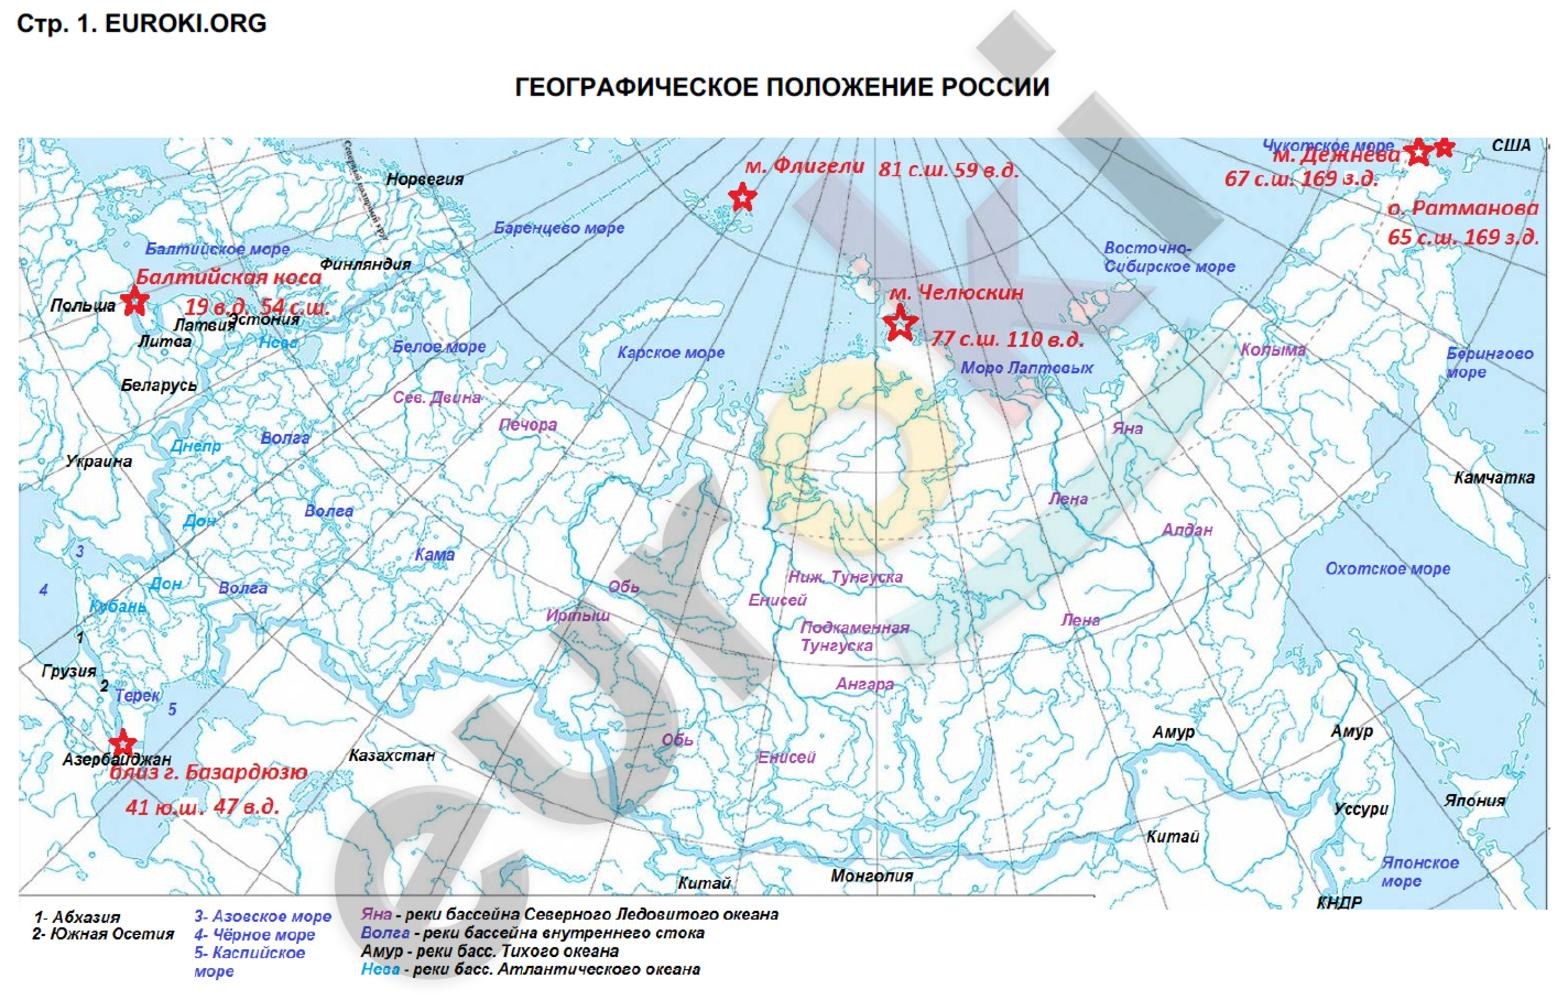 сухопутная граница россии на контурной карте качество особенно